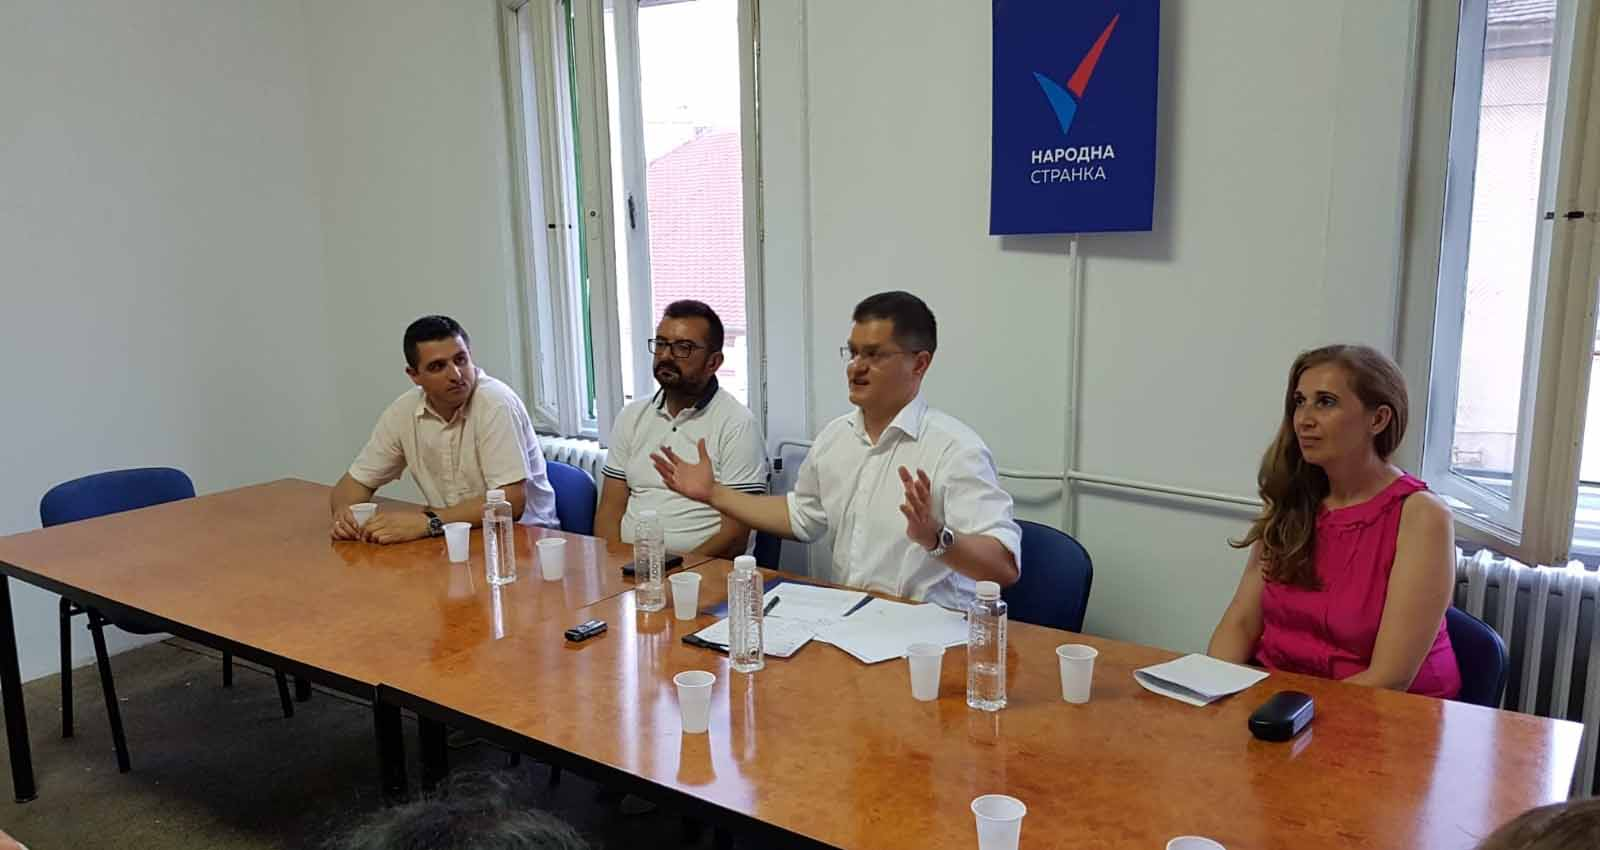 Јеремић: Нема суштинског напретка, крећемо се ка бојкоту избора